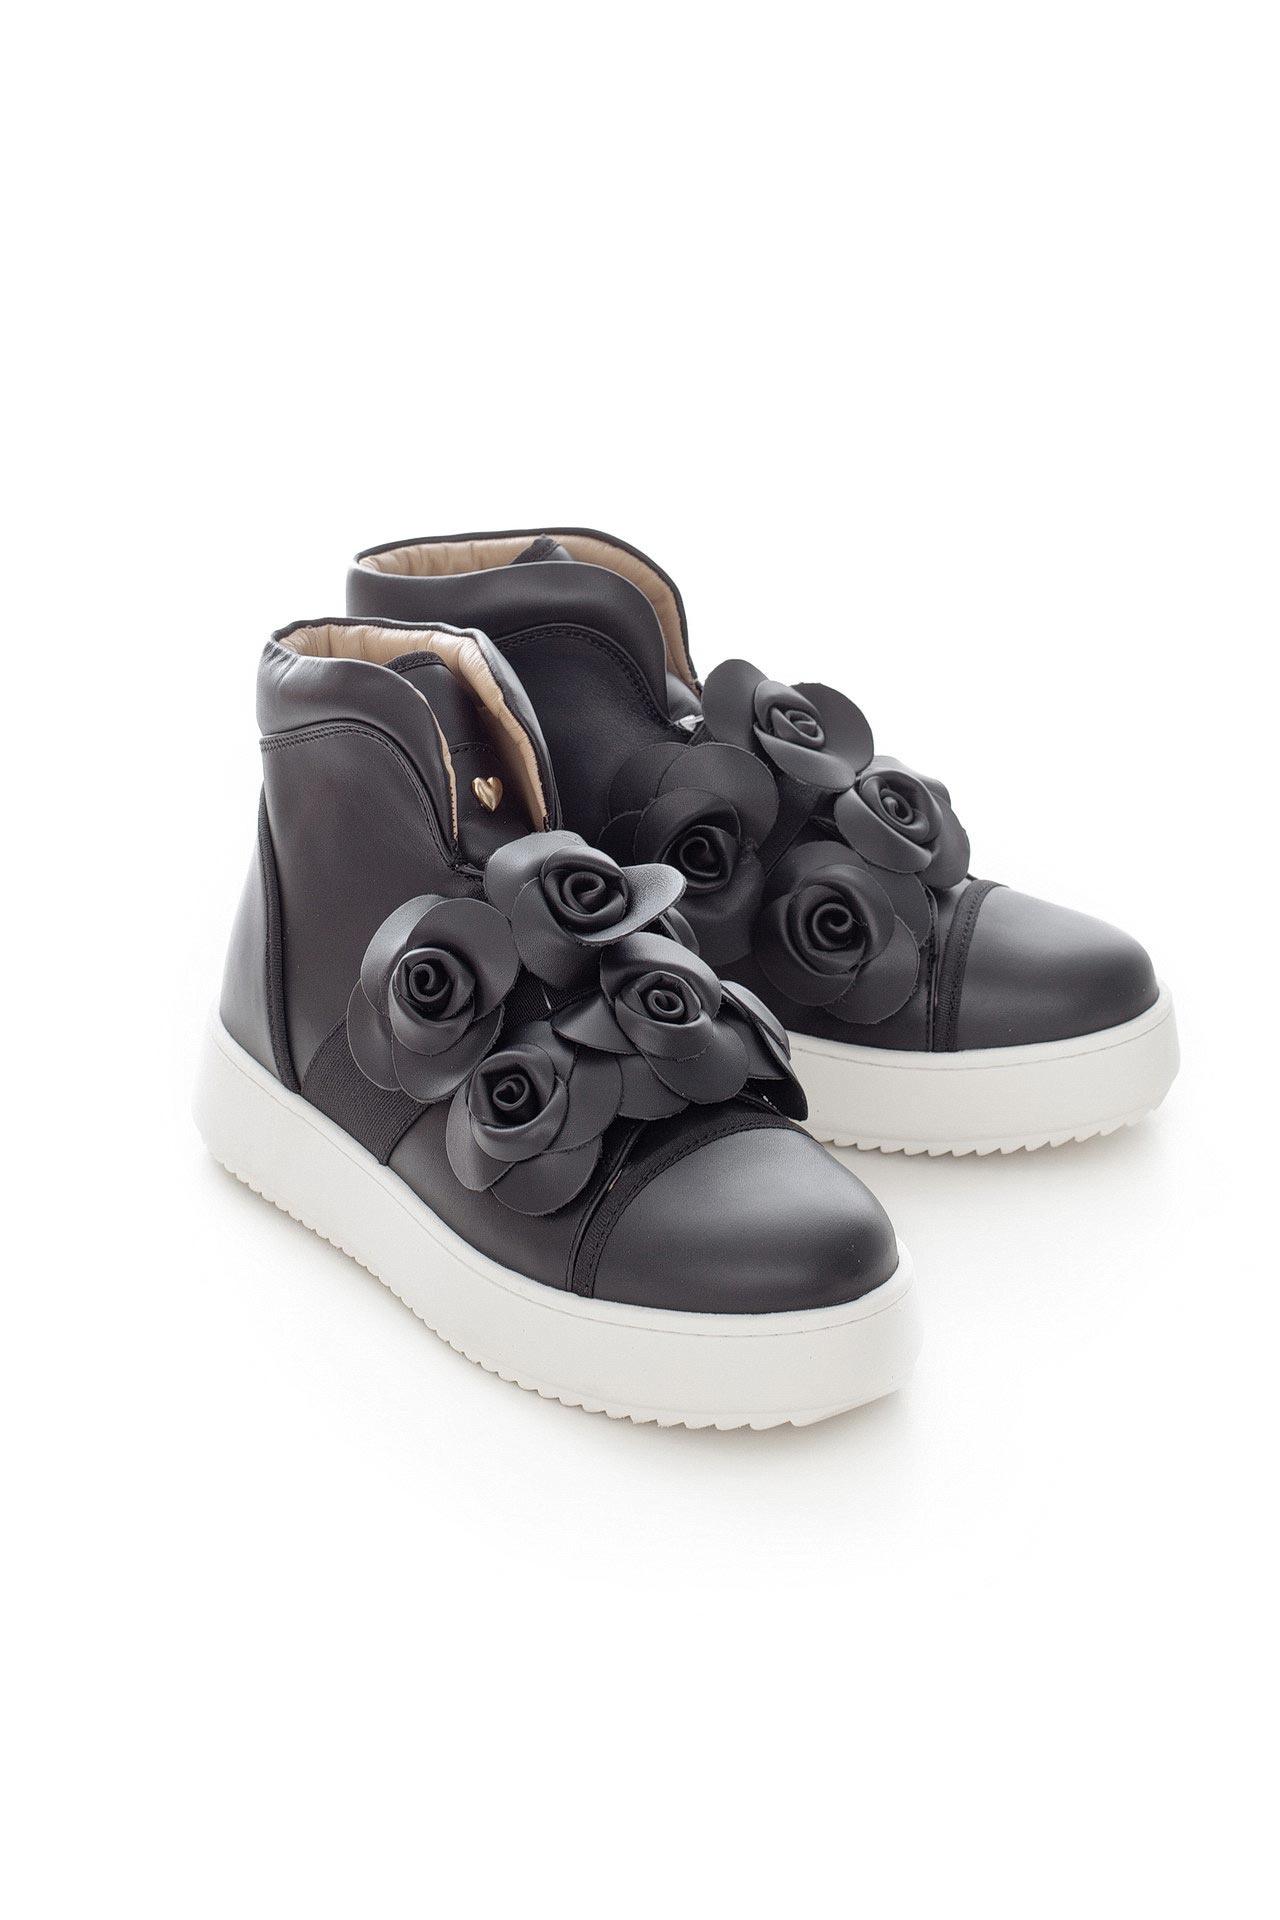 Кроссовки TWIN-SET купить черные кожаные кроссовки